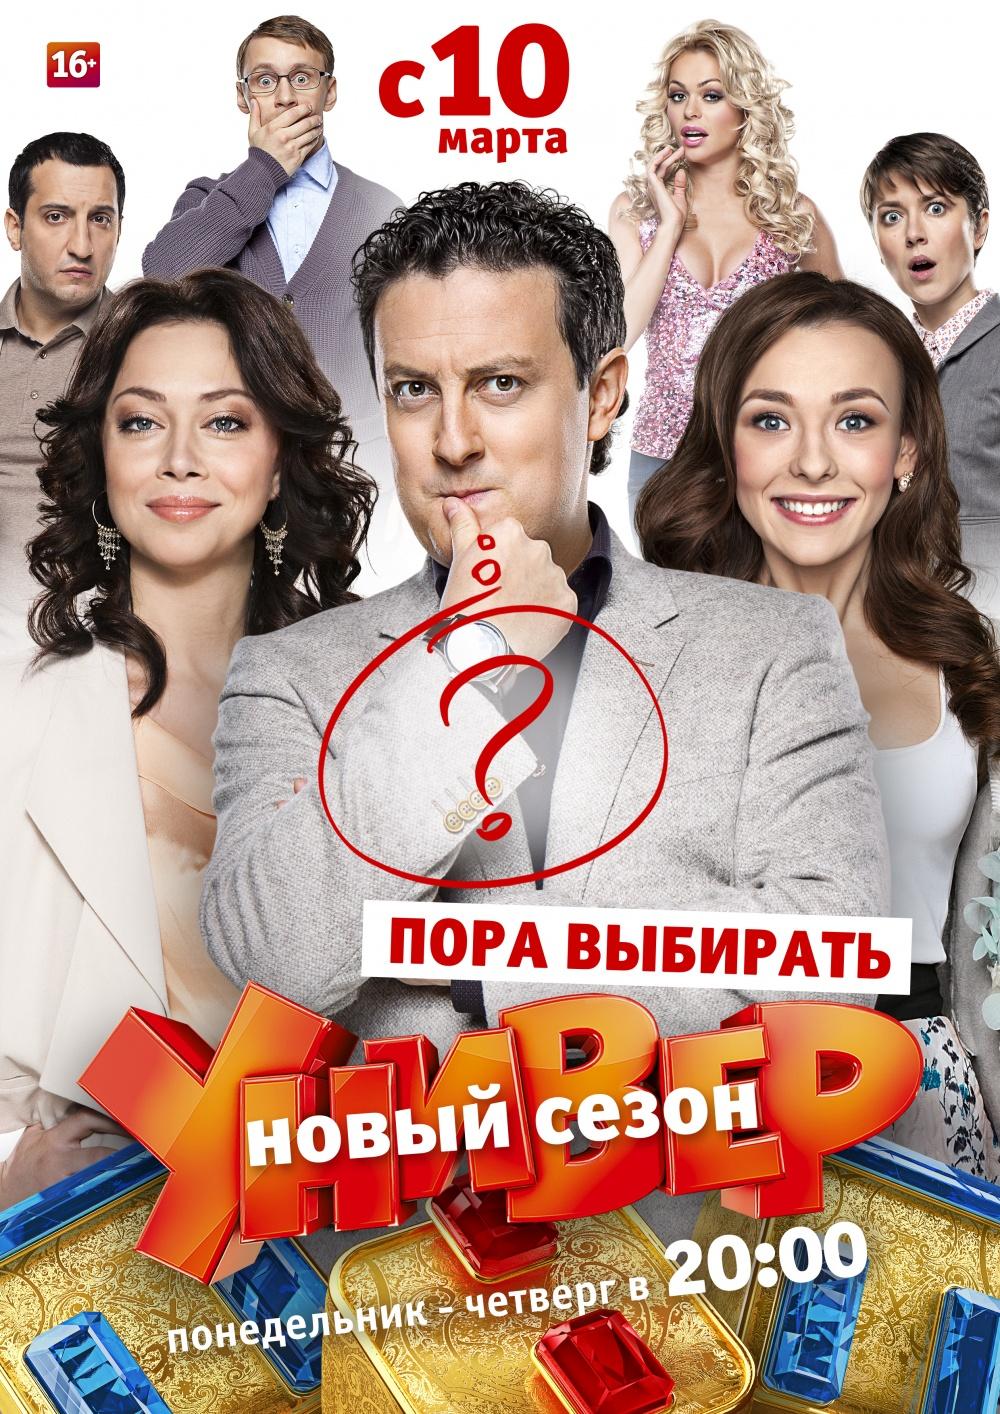 «Криминальные Русские Фильмы Новинки Смотреть 2015» / 2016